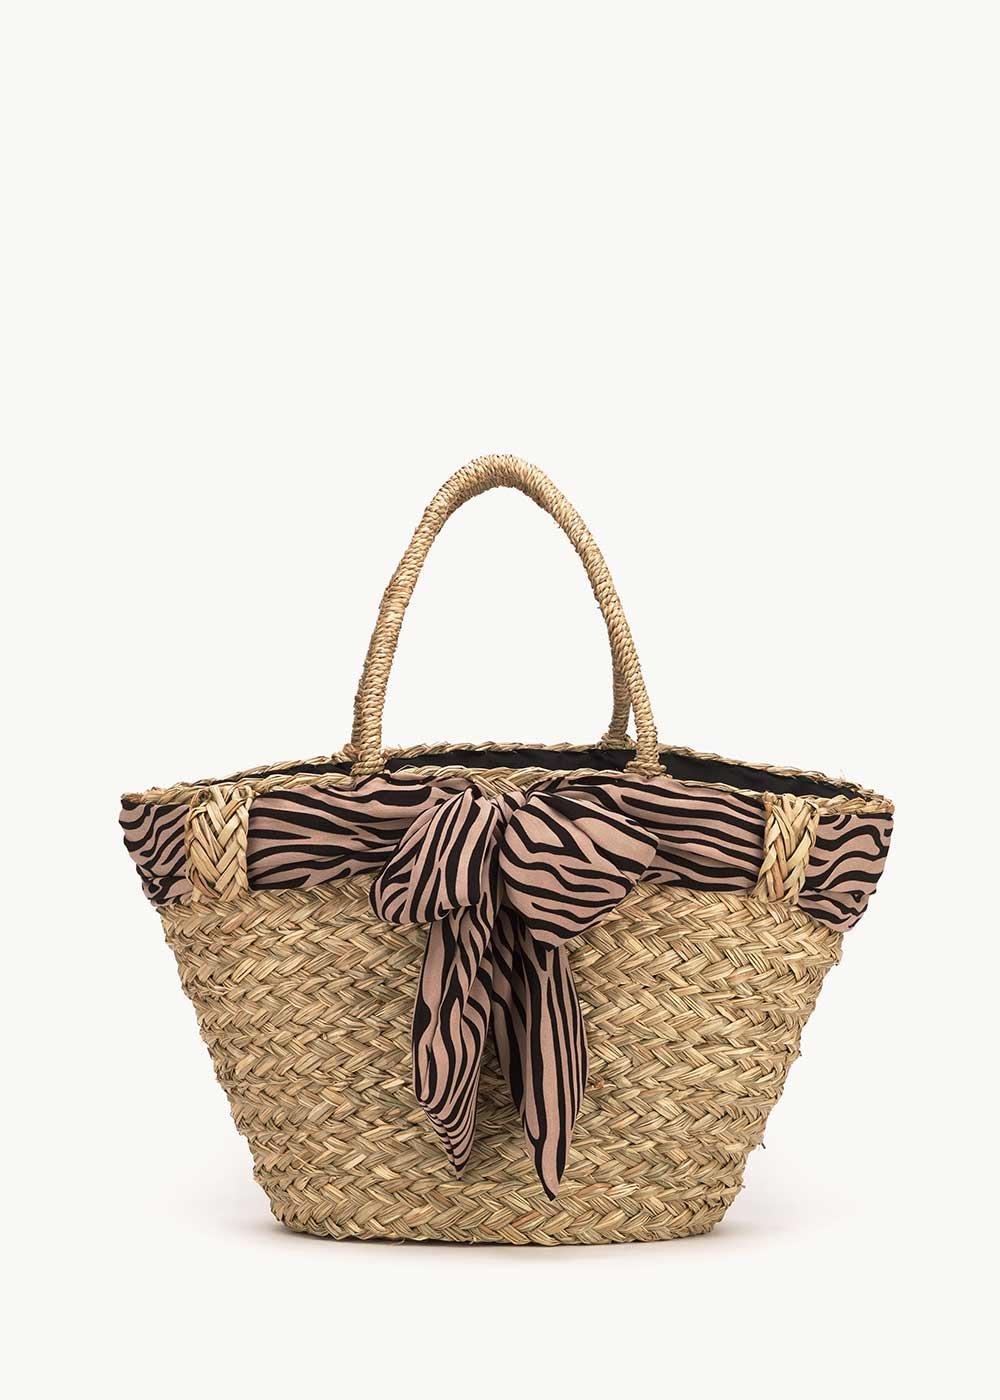 Borsa mare Balk in paglia con foulard zebrato - Light Beige Animalier - Donna